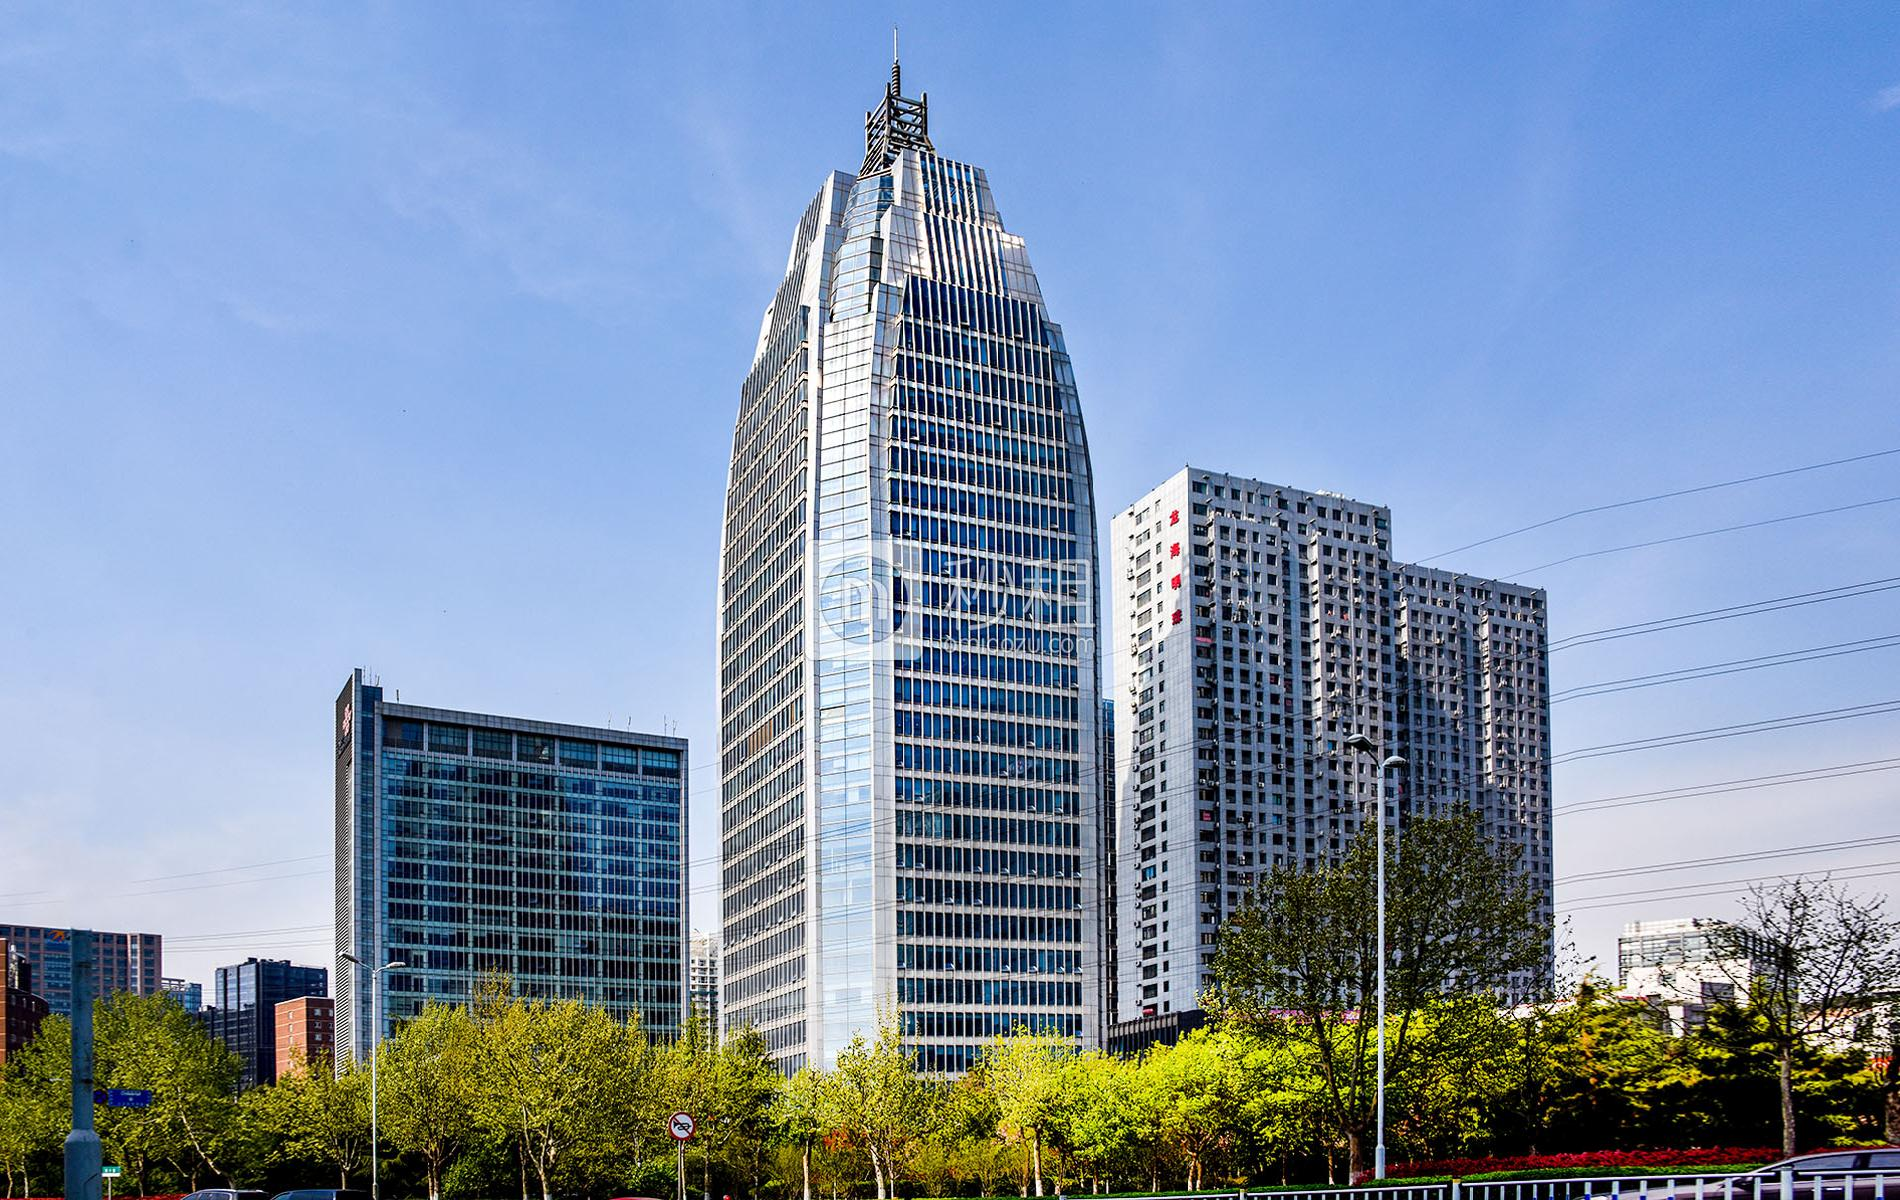 裕龙国际中心写字楼出租/招租/租赁,裕龙国际中心办公室出租/招租/租赁